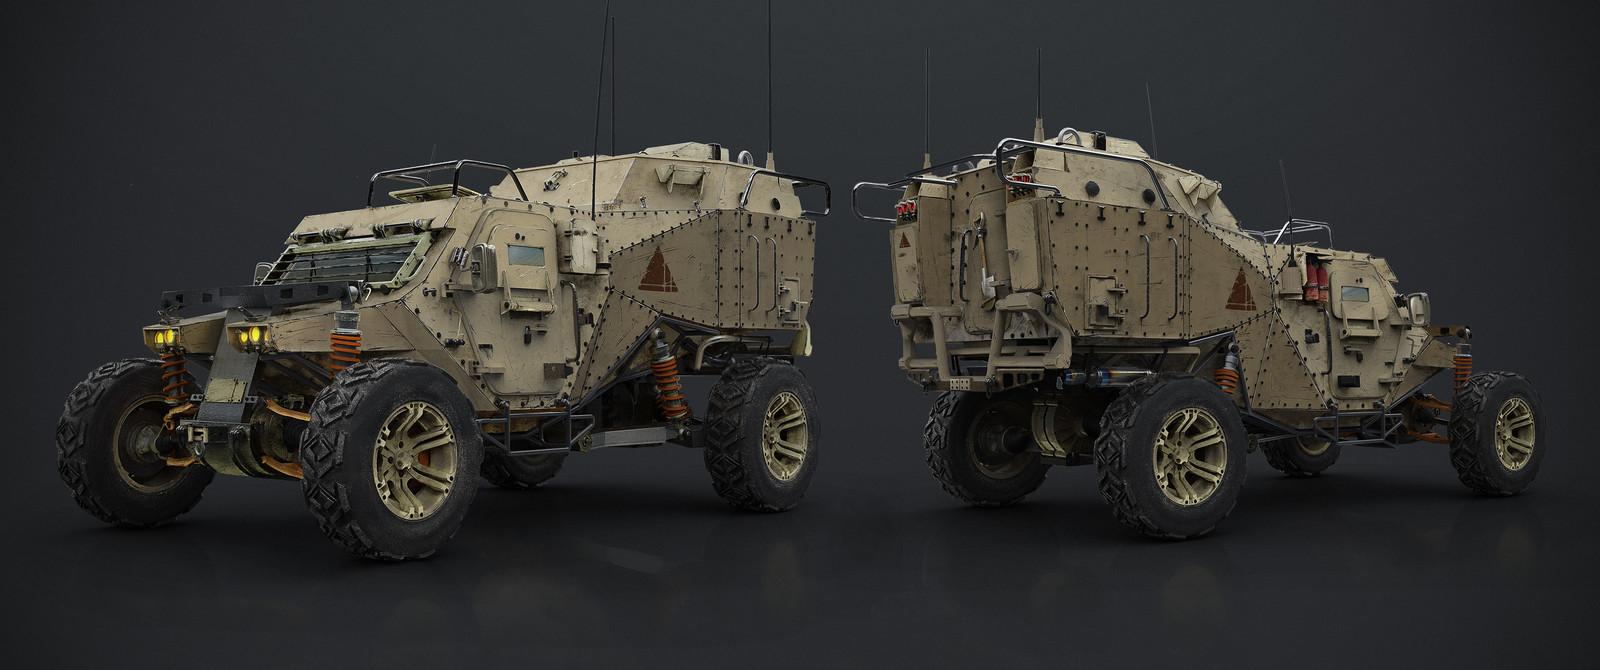 Military buggy v2